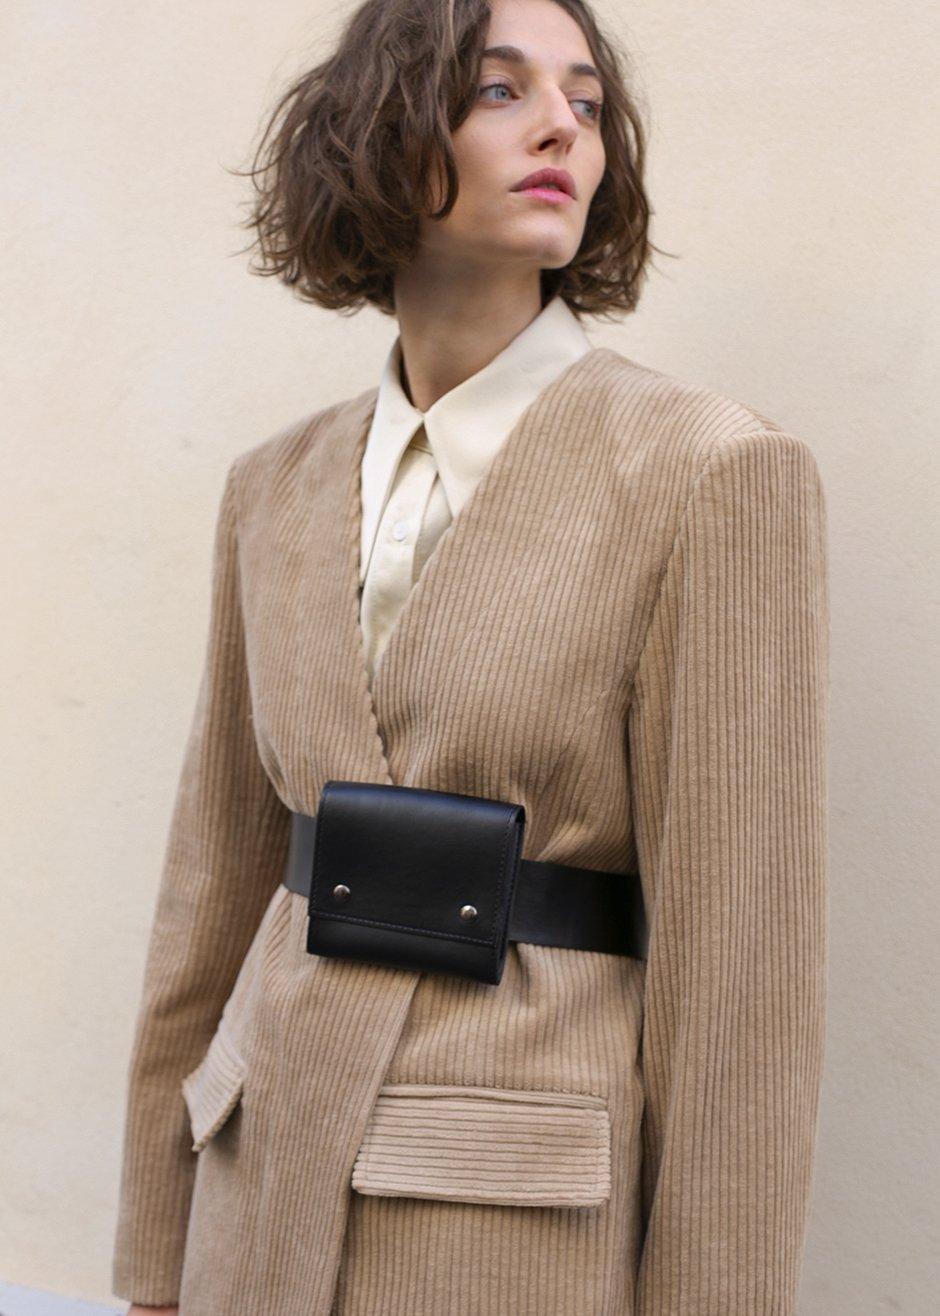 A Sleek Belt Bag